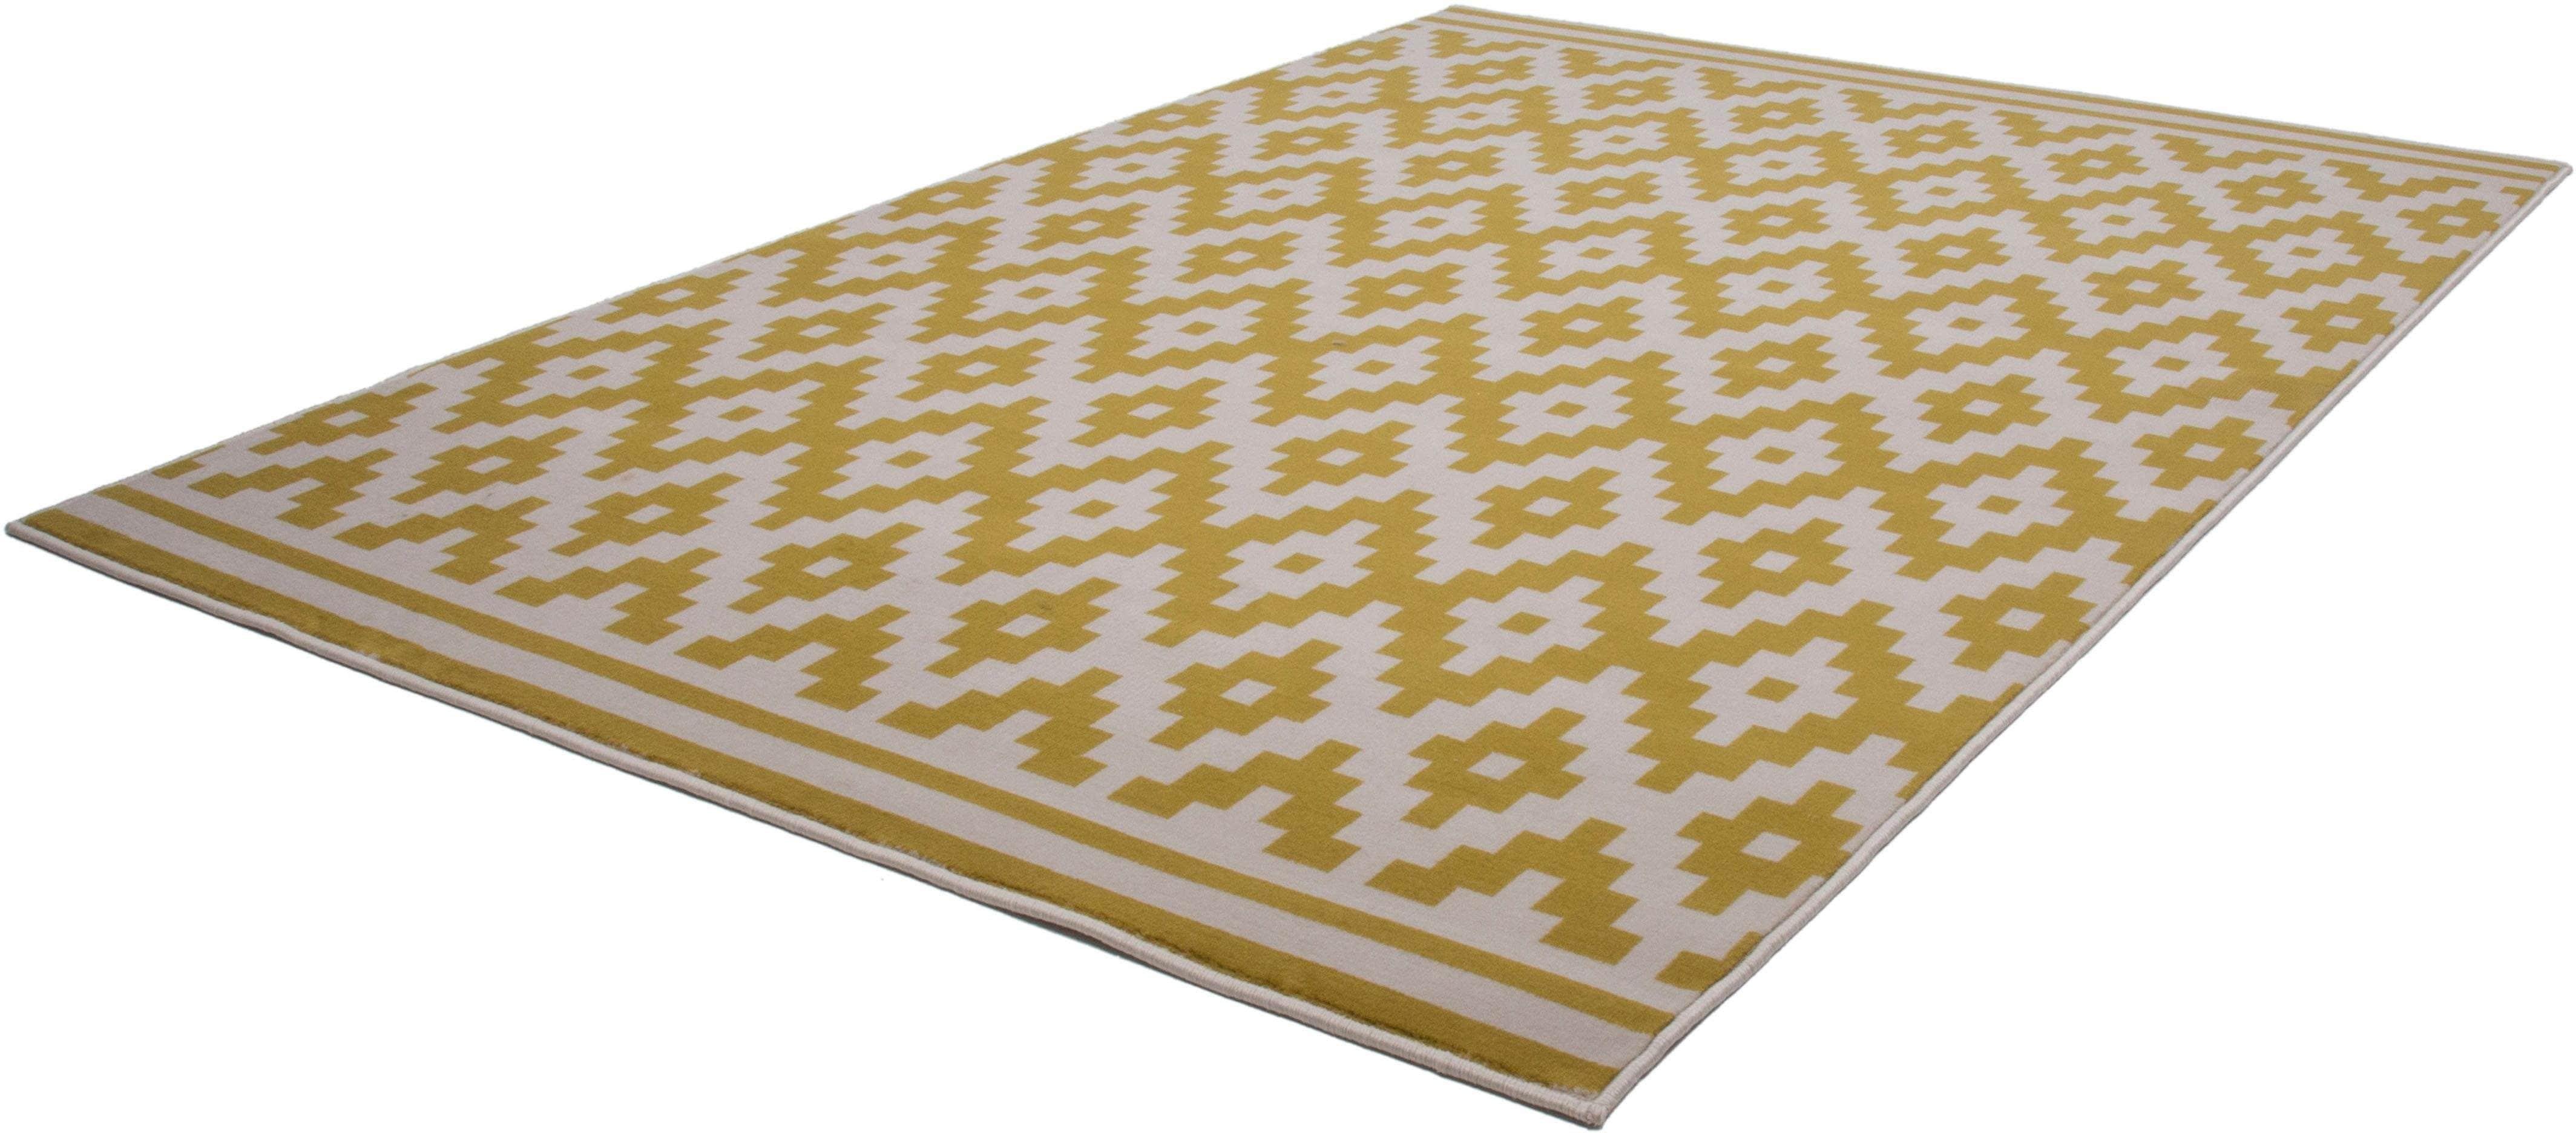 Teppich Cefal 300 calo-deluxe rechteckig Höhe 10 mm maschinell gewebt